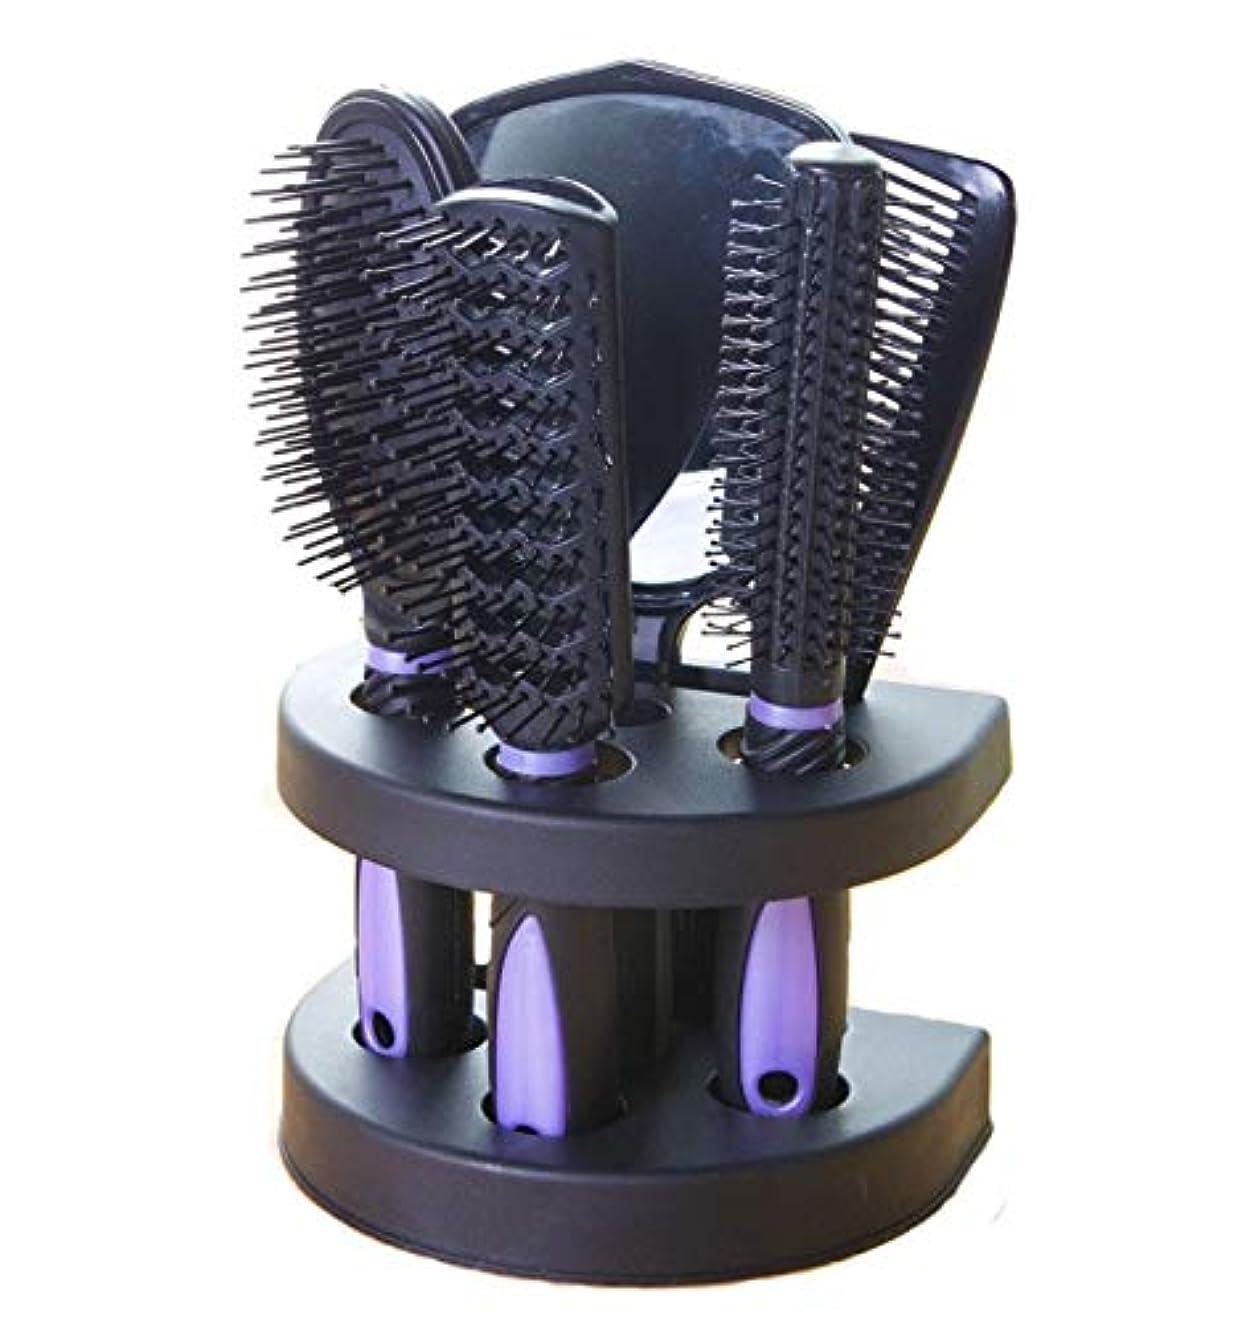 最初ステレオきょうだいヘアコーム、パープルマッサージコーム、ミラー付き環境に優しいコーム、帯電防止エアバッグコーム、ロングヘアコーム、ヘアコーム、理髪エアバッグコーム5ピースセット、理髪コームギフト